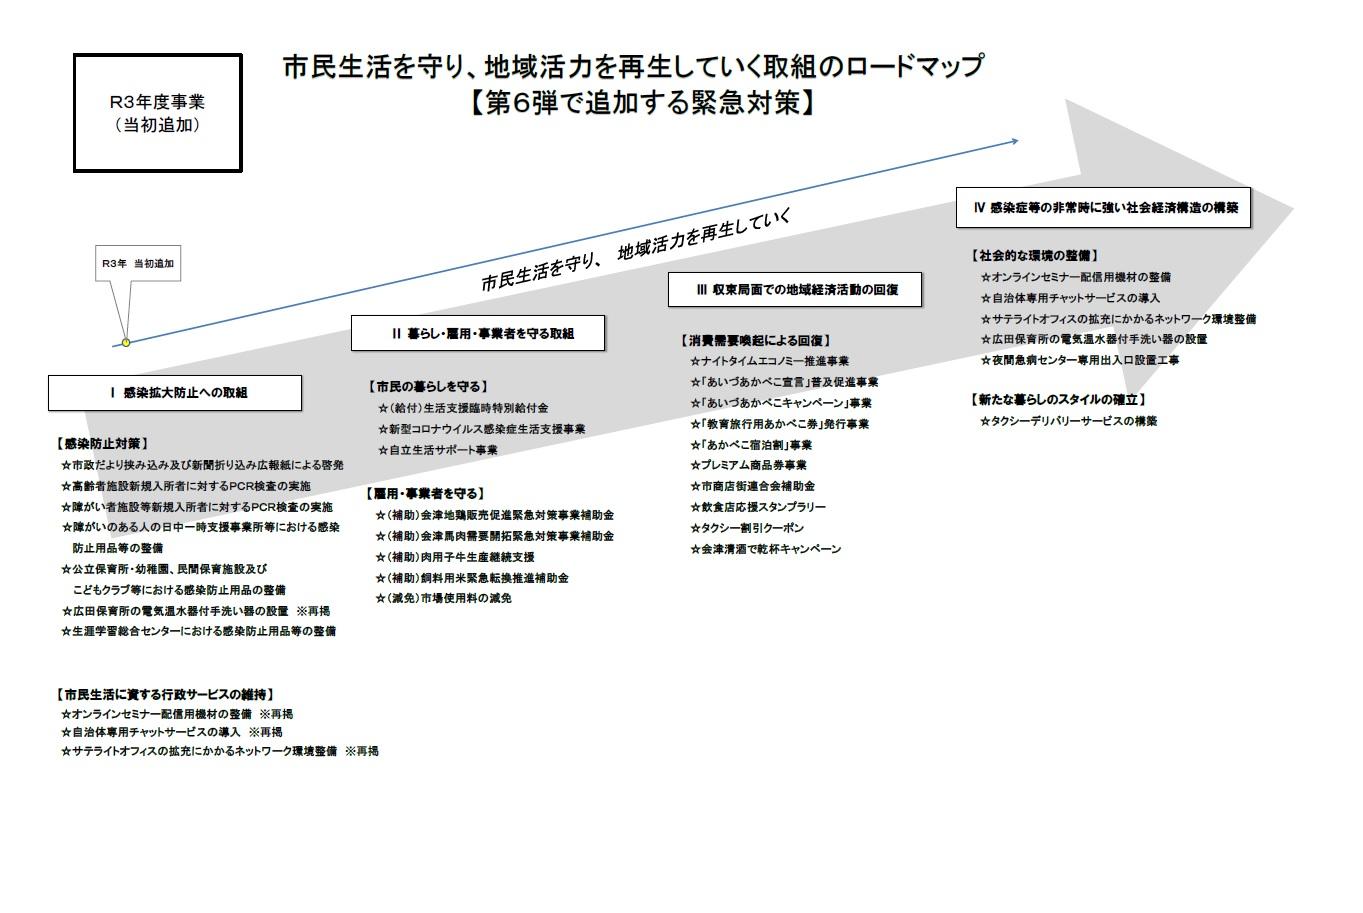 会津 コロナ 情報